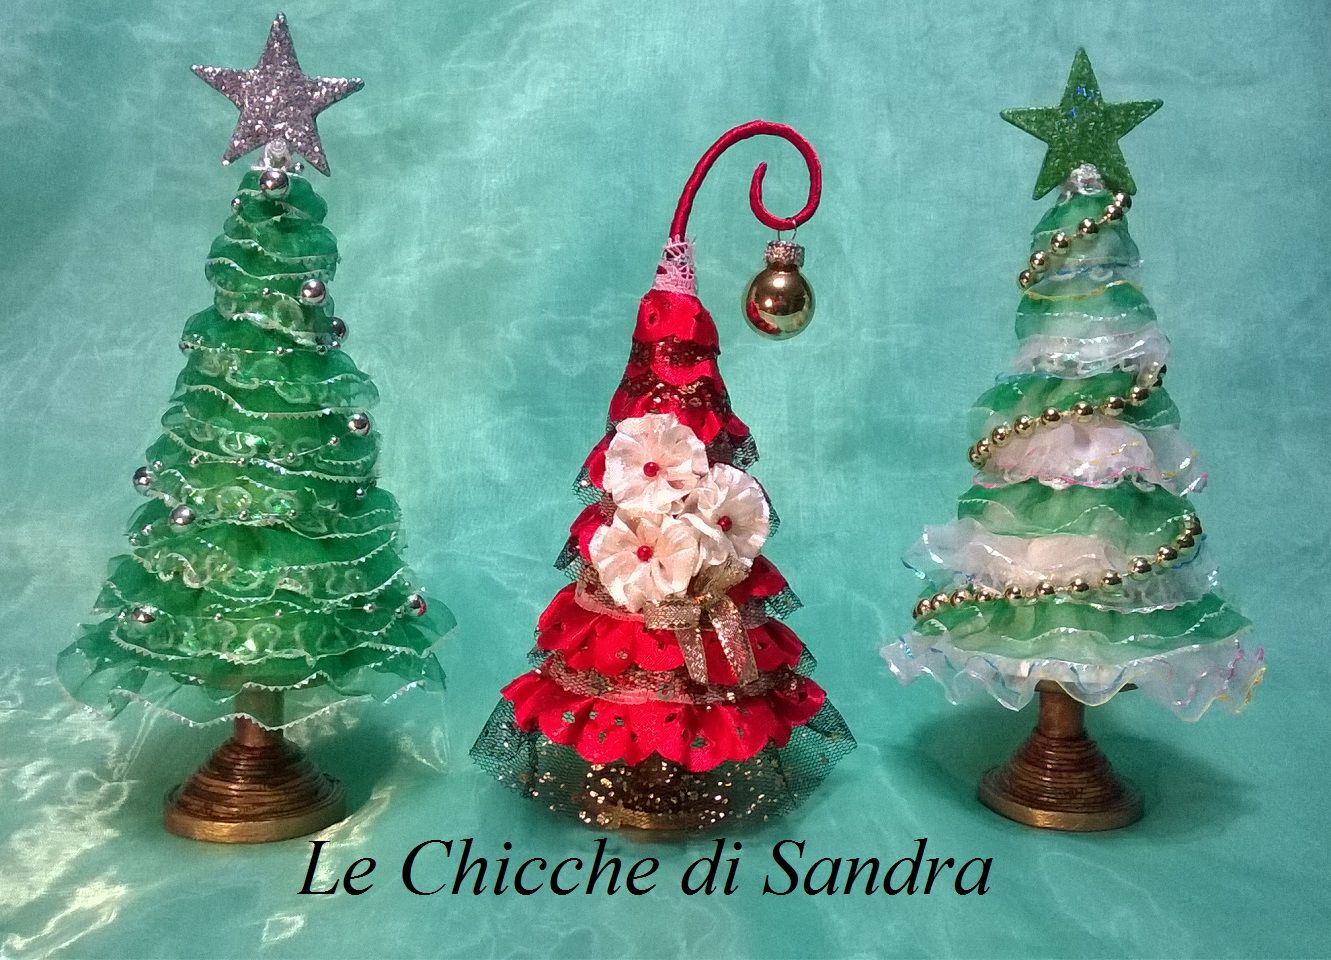 Alberelli Di Natale.Alberelli Di Natale Con Carta E Passamanerie 8 Christmas